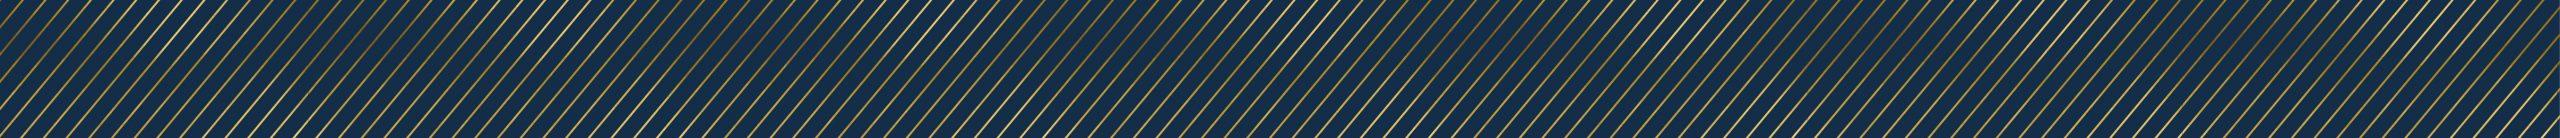 Anchor Club Pattern